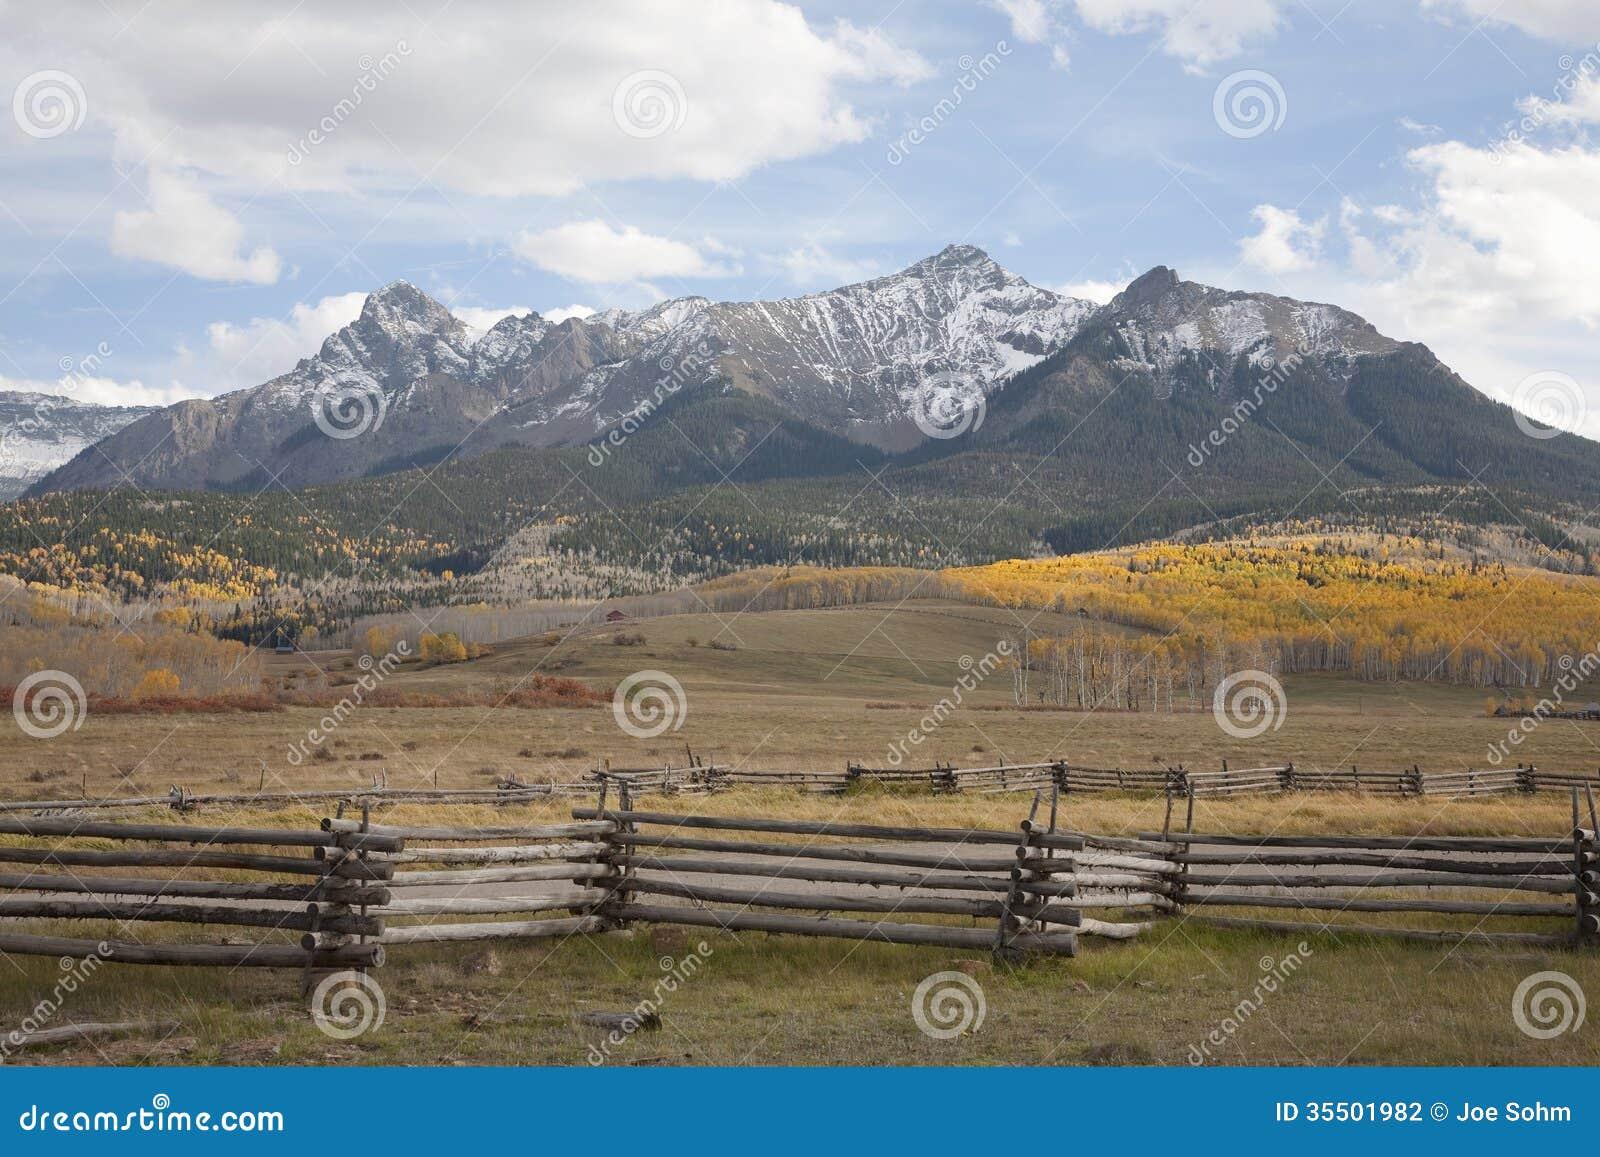 Wooden fence frames